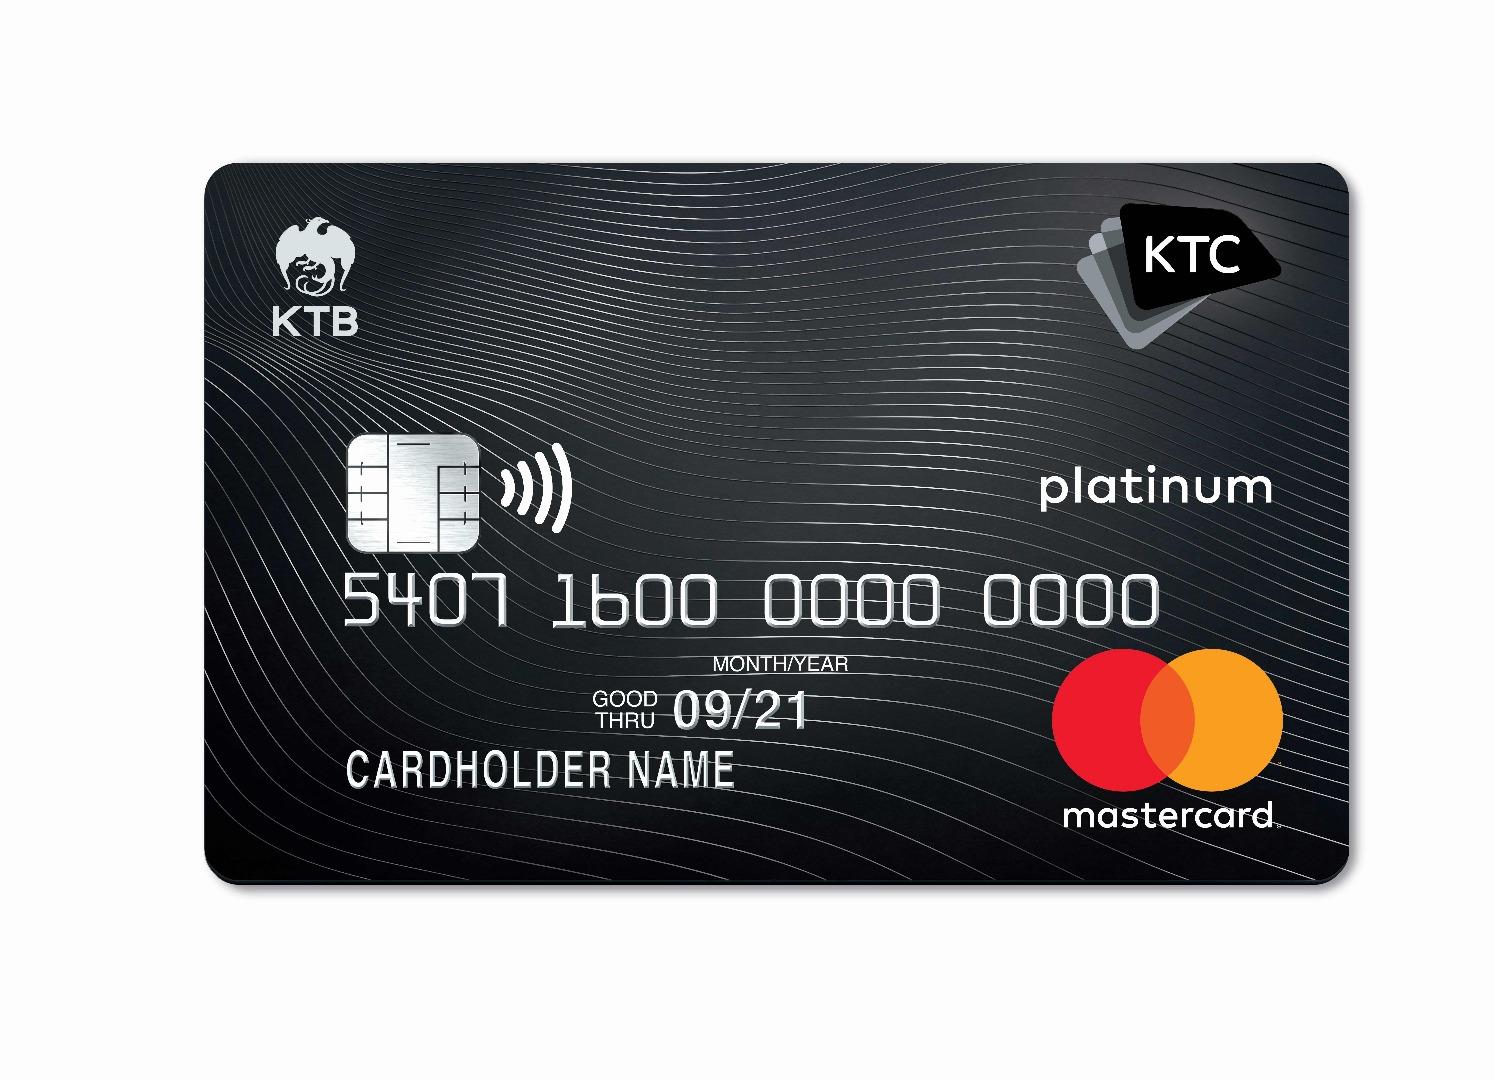 บัตรเครดิต tmb อาชีพอิสระ